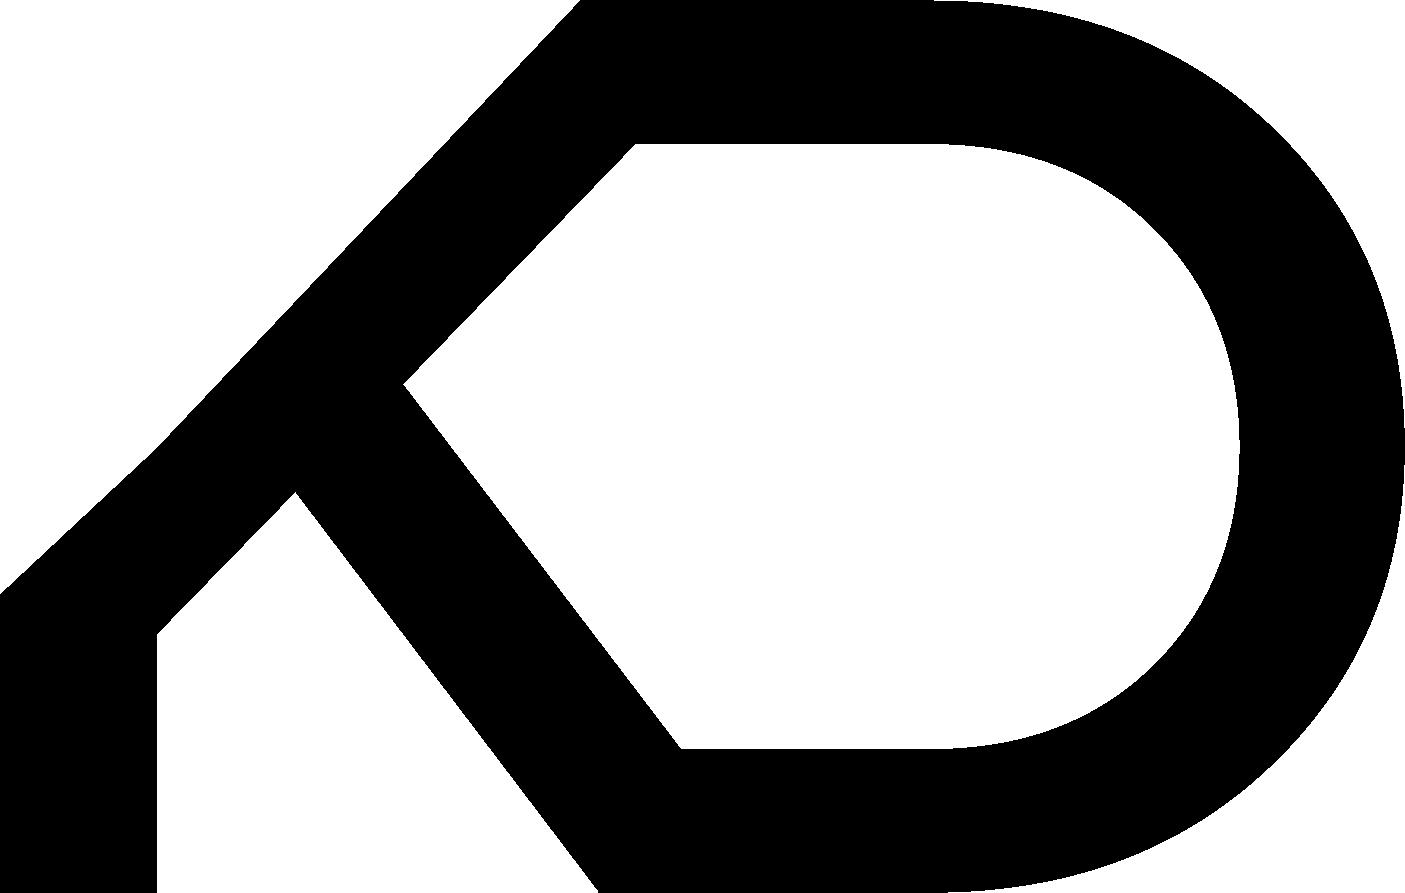 Нарисовать логотип для сольного музыкального проекта фото f_7585ba8ef46f3ec4.png